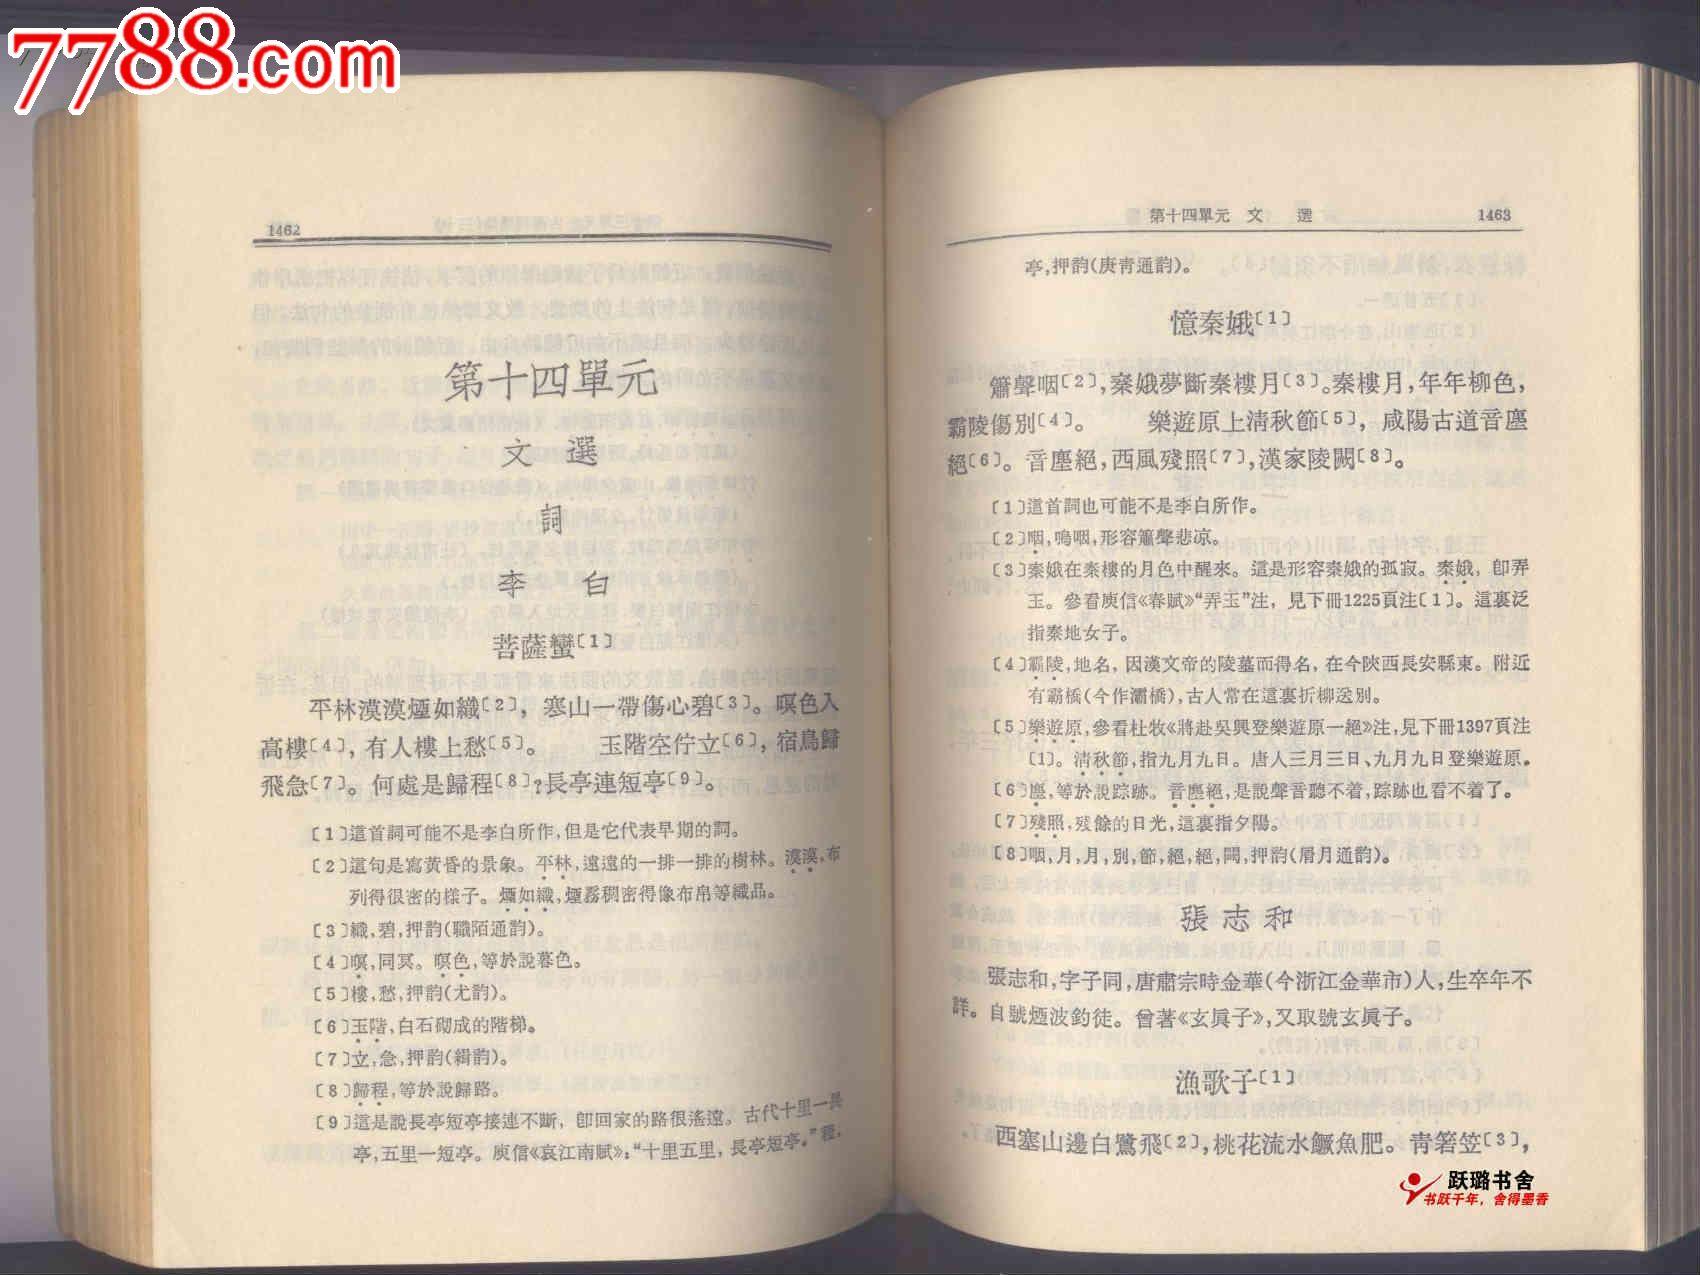 古代汉语这一门课程,过去在不同的高等学校中,在不同的时期内,有种种不同的教学内容。有的是当做历代文选来教,有的是当做文言语法来教,有的把它讲成文字、音韻、训诂,有的把它讲成汉语史。目的要求是不一致的。经过1958年的教育革命,大家进一步认识到教学必须联系实际,许多高等学校都重新考虑古代汉语的教学内容,以为它的目的应该是培養学生阅读古书的能力,而要达到这一个目的,必须既有感性知识,又有理性知识。必须把文选的阅读与文言语法、文字、音韻、训诂等理论知识密切结合起来,然后我们的教学才不是片面的从而提高古代汉语的教